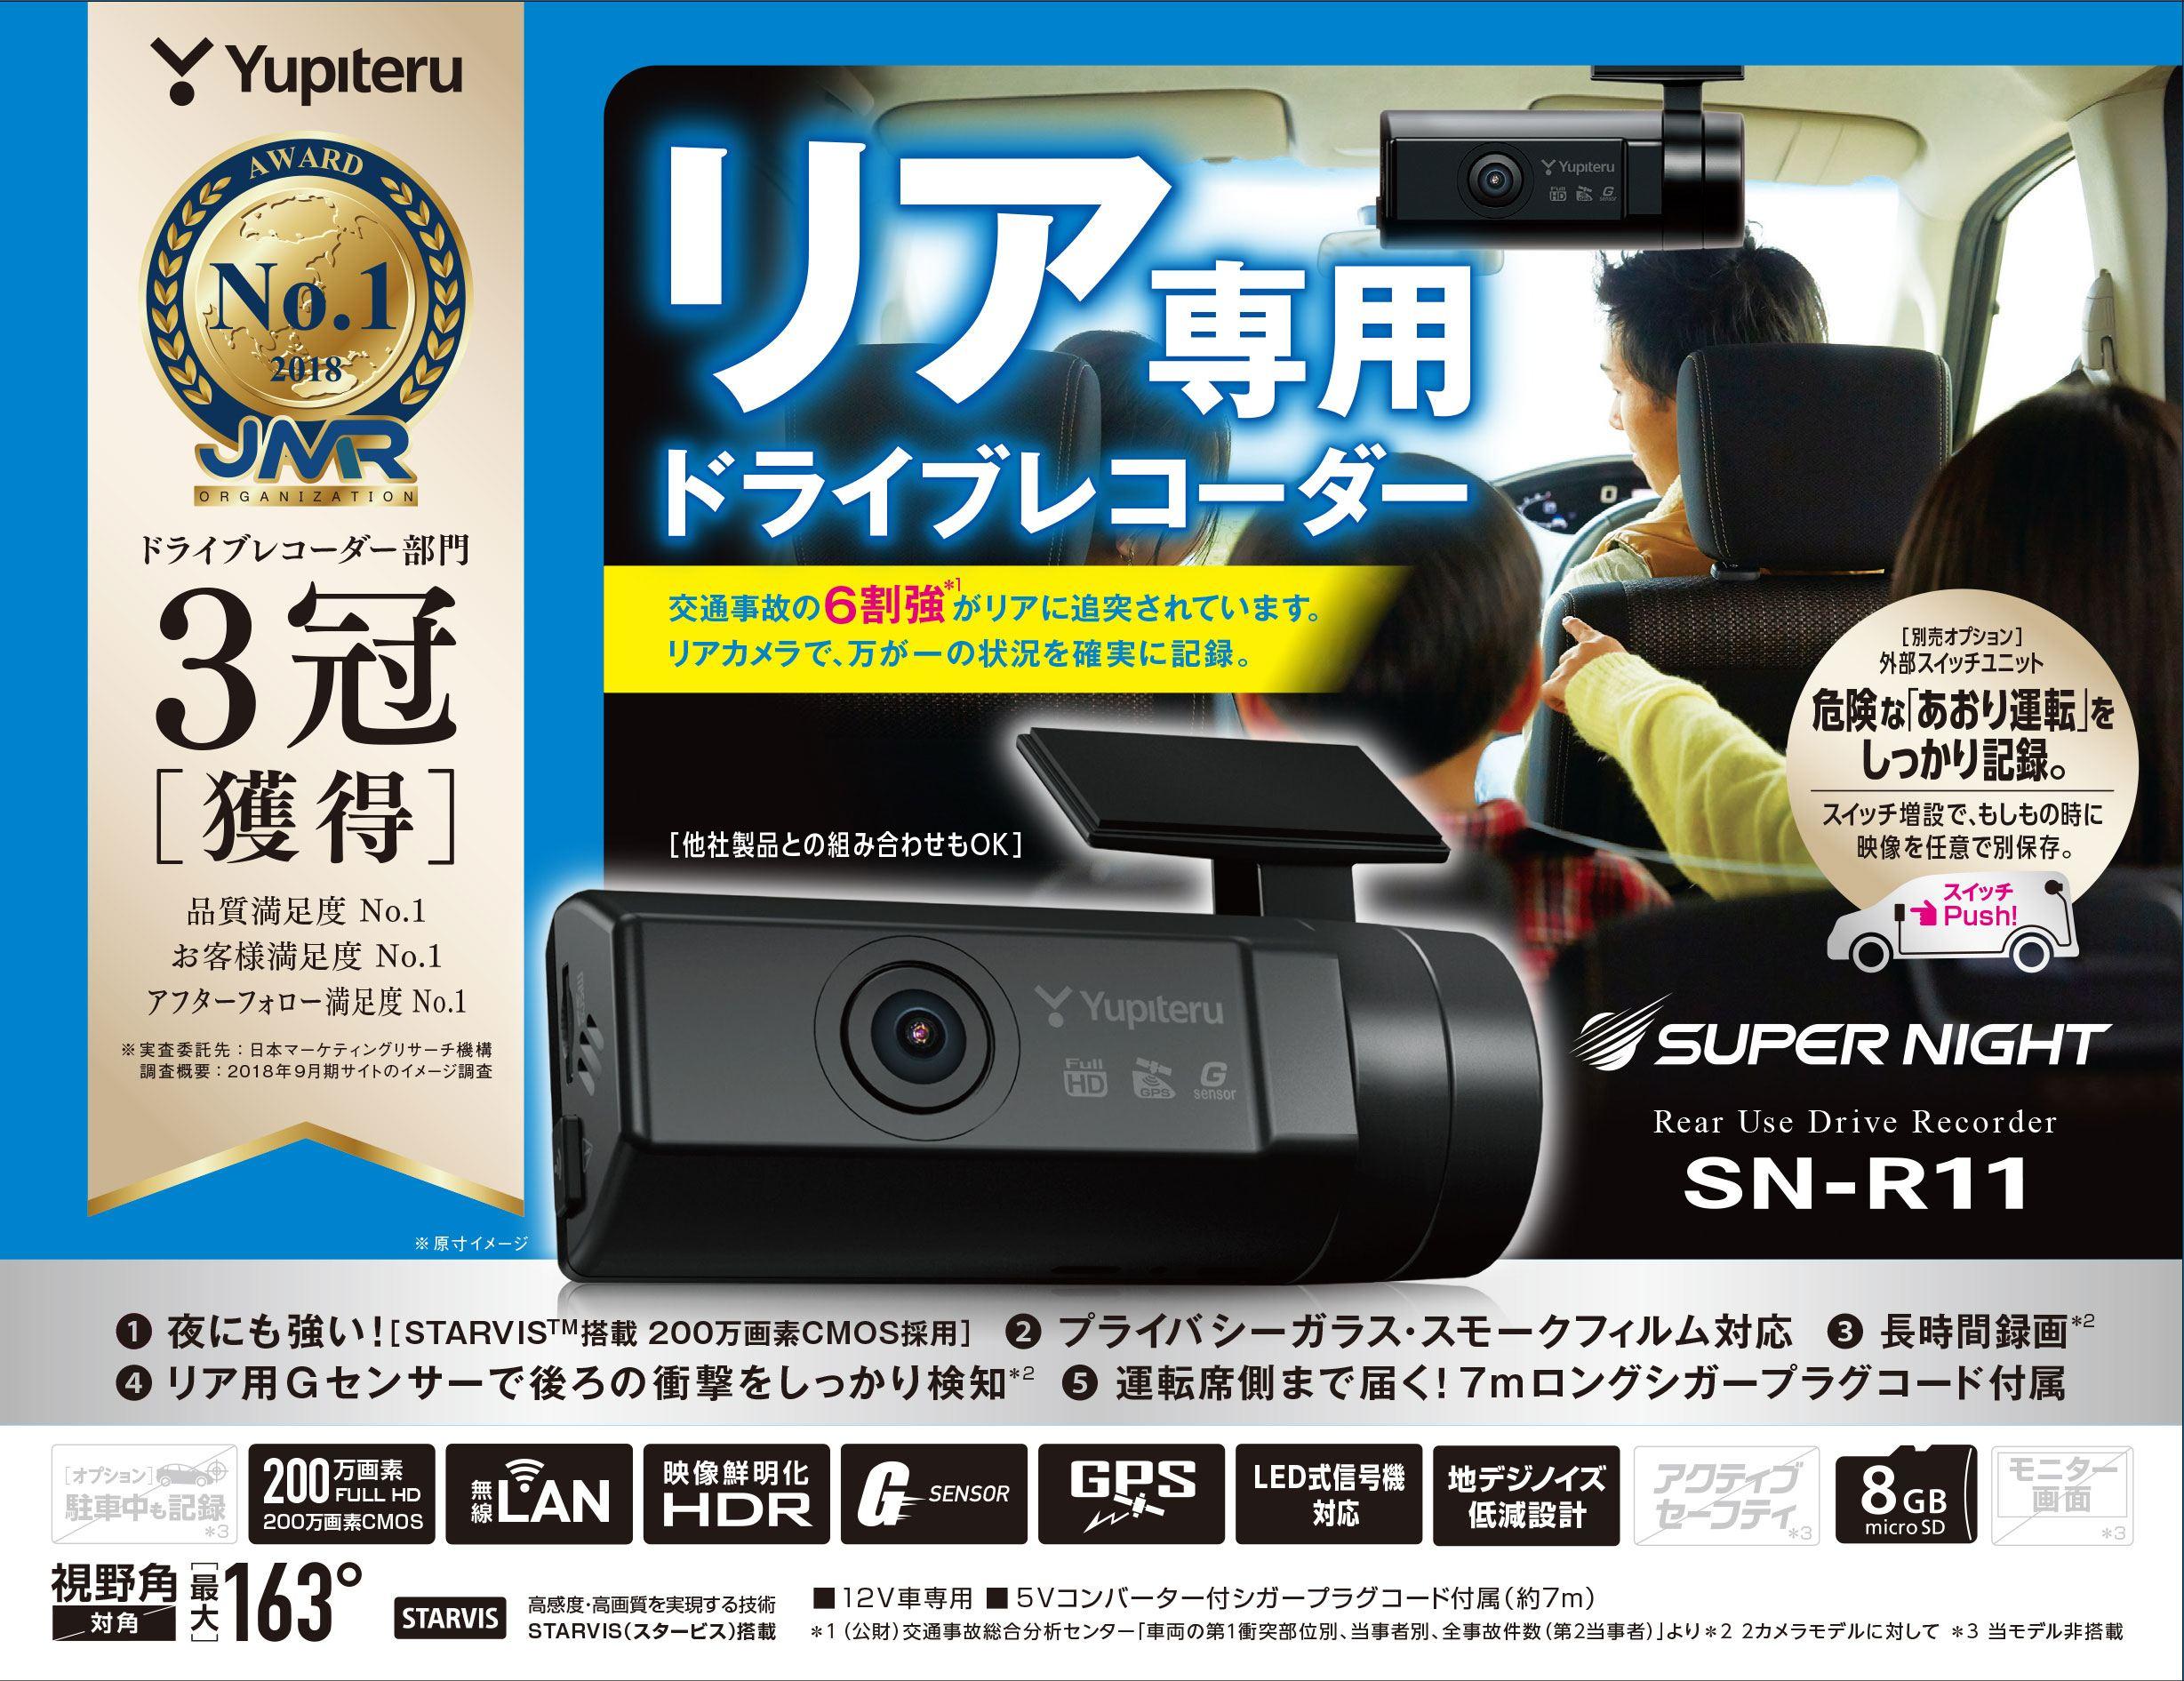 リア専用ドライブレコーダー「SN-R11」